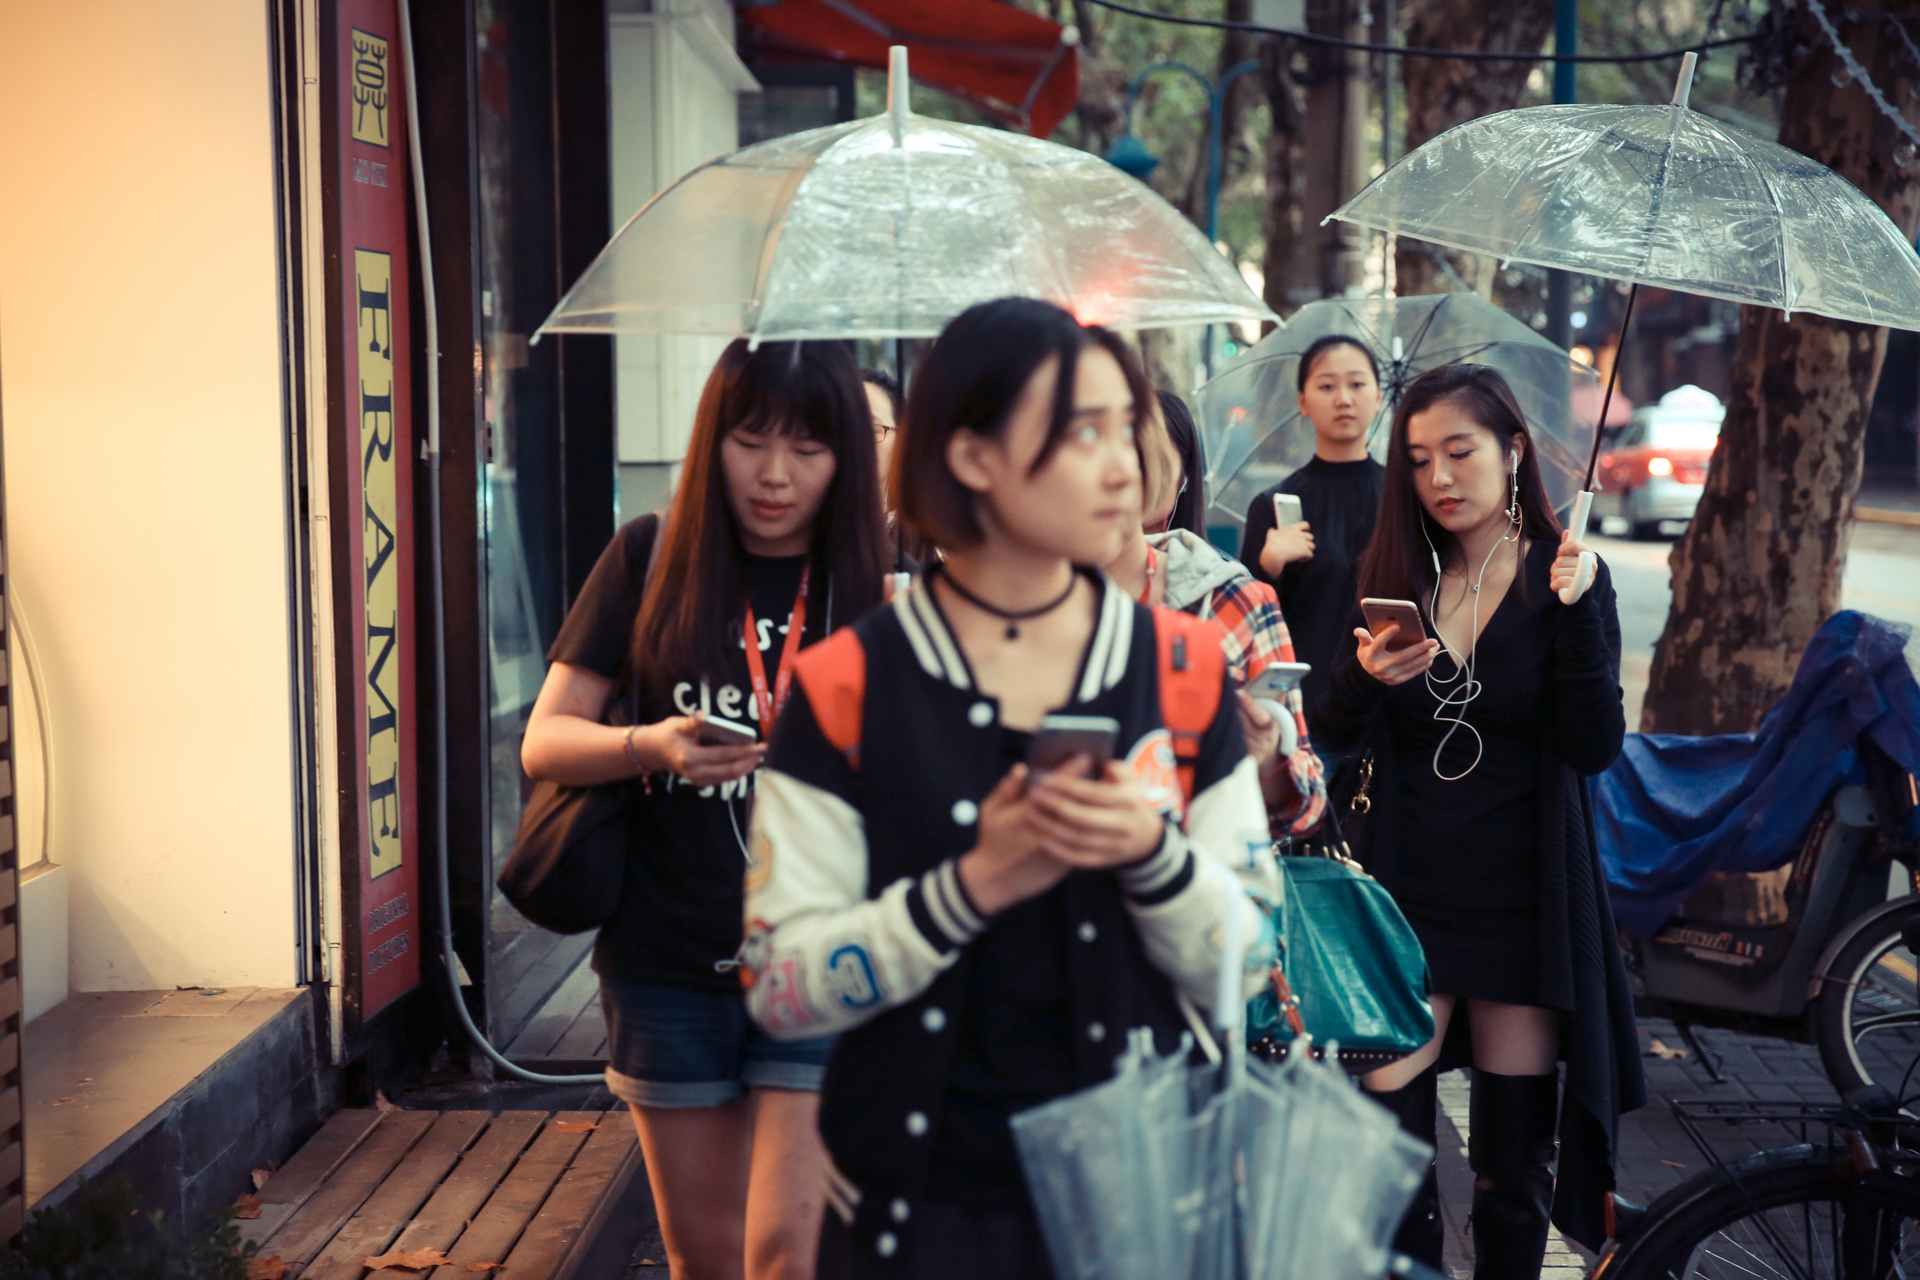 03_shwwf-raining